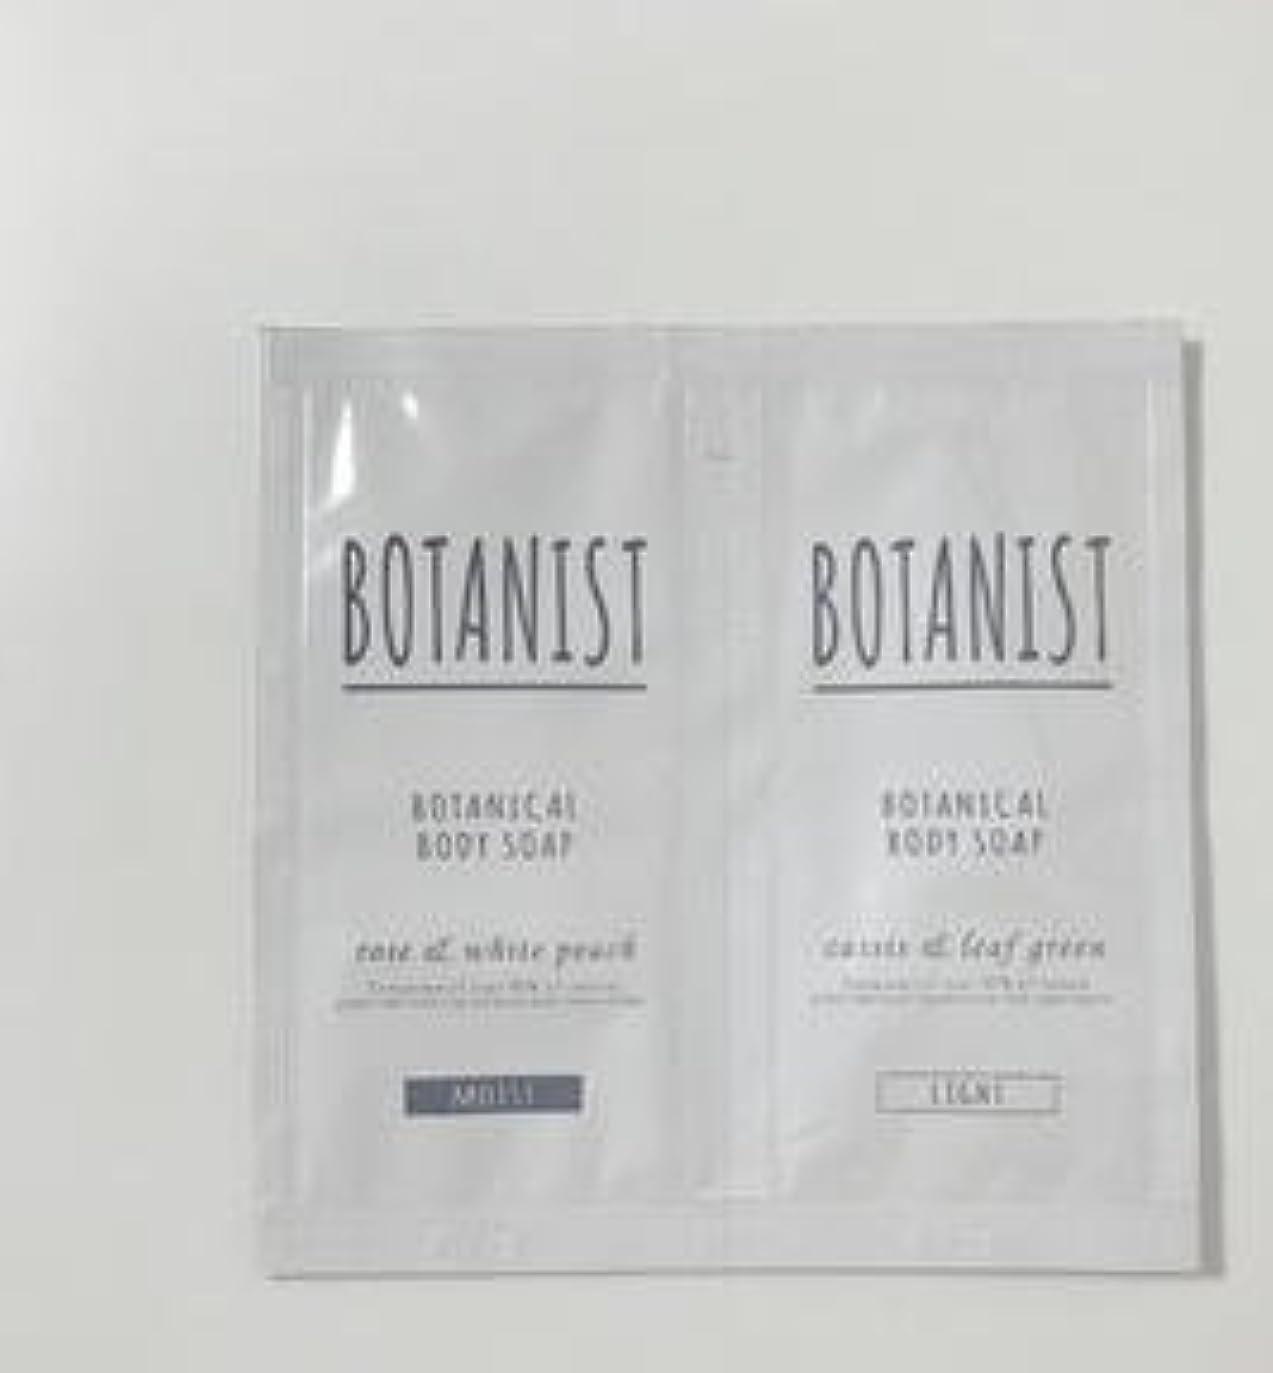 ヒント四面体対人BOTANIST ボタニカル ボディーソープ ライト&モイスト トライアルセット 8ml×2 (ライト&モイスト, 1個)